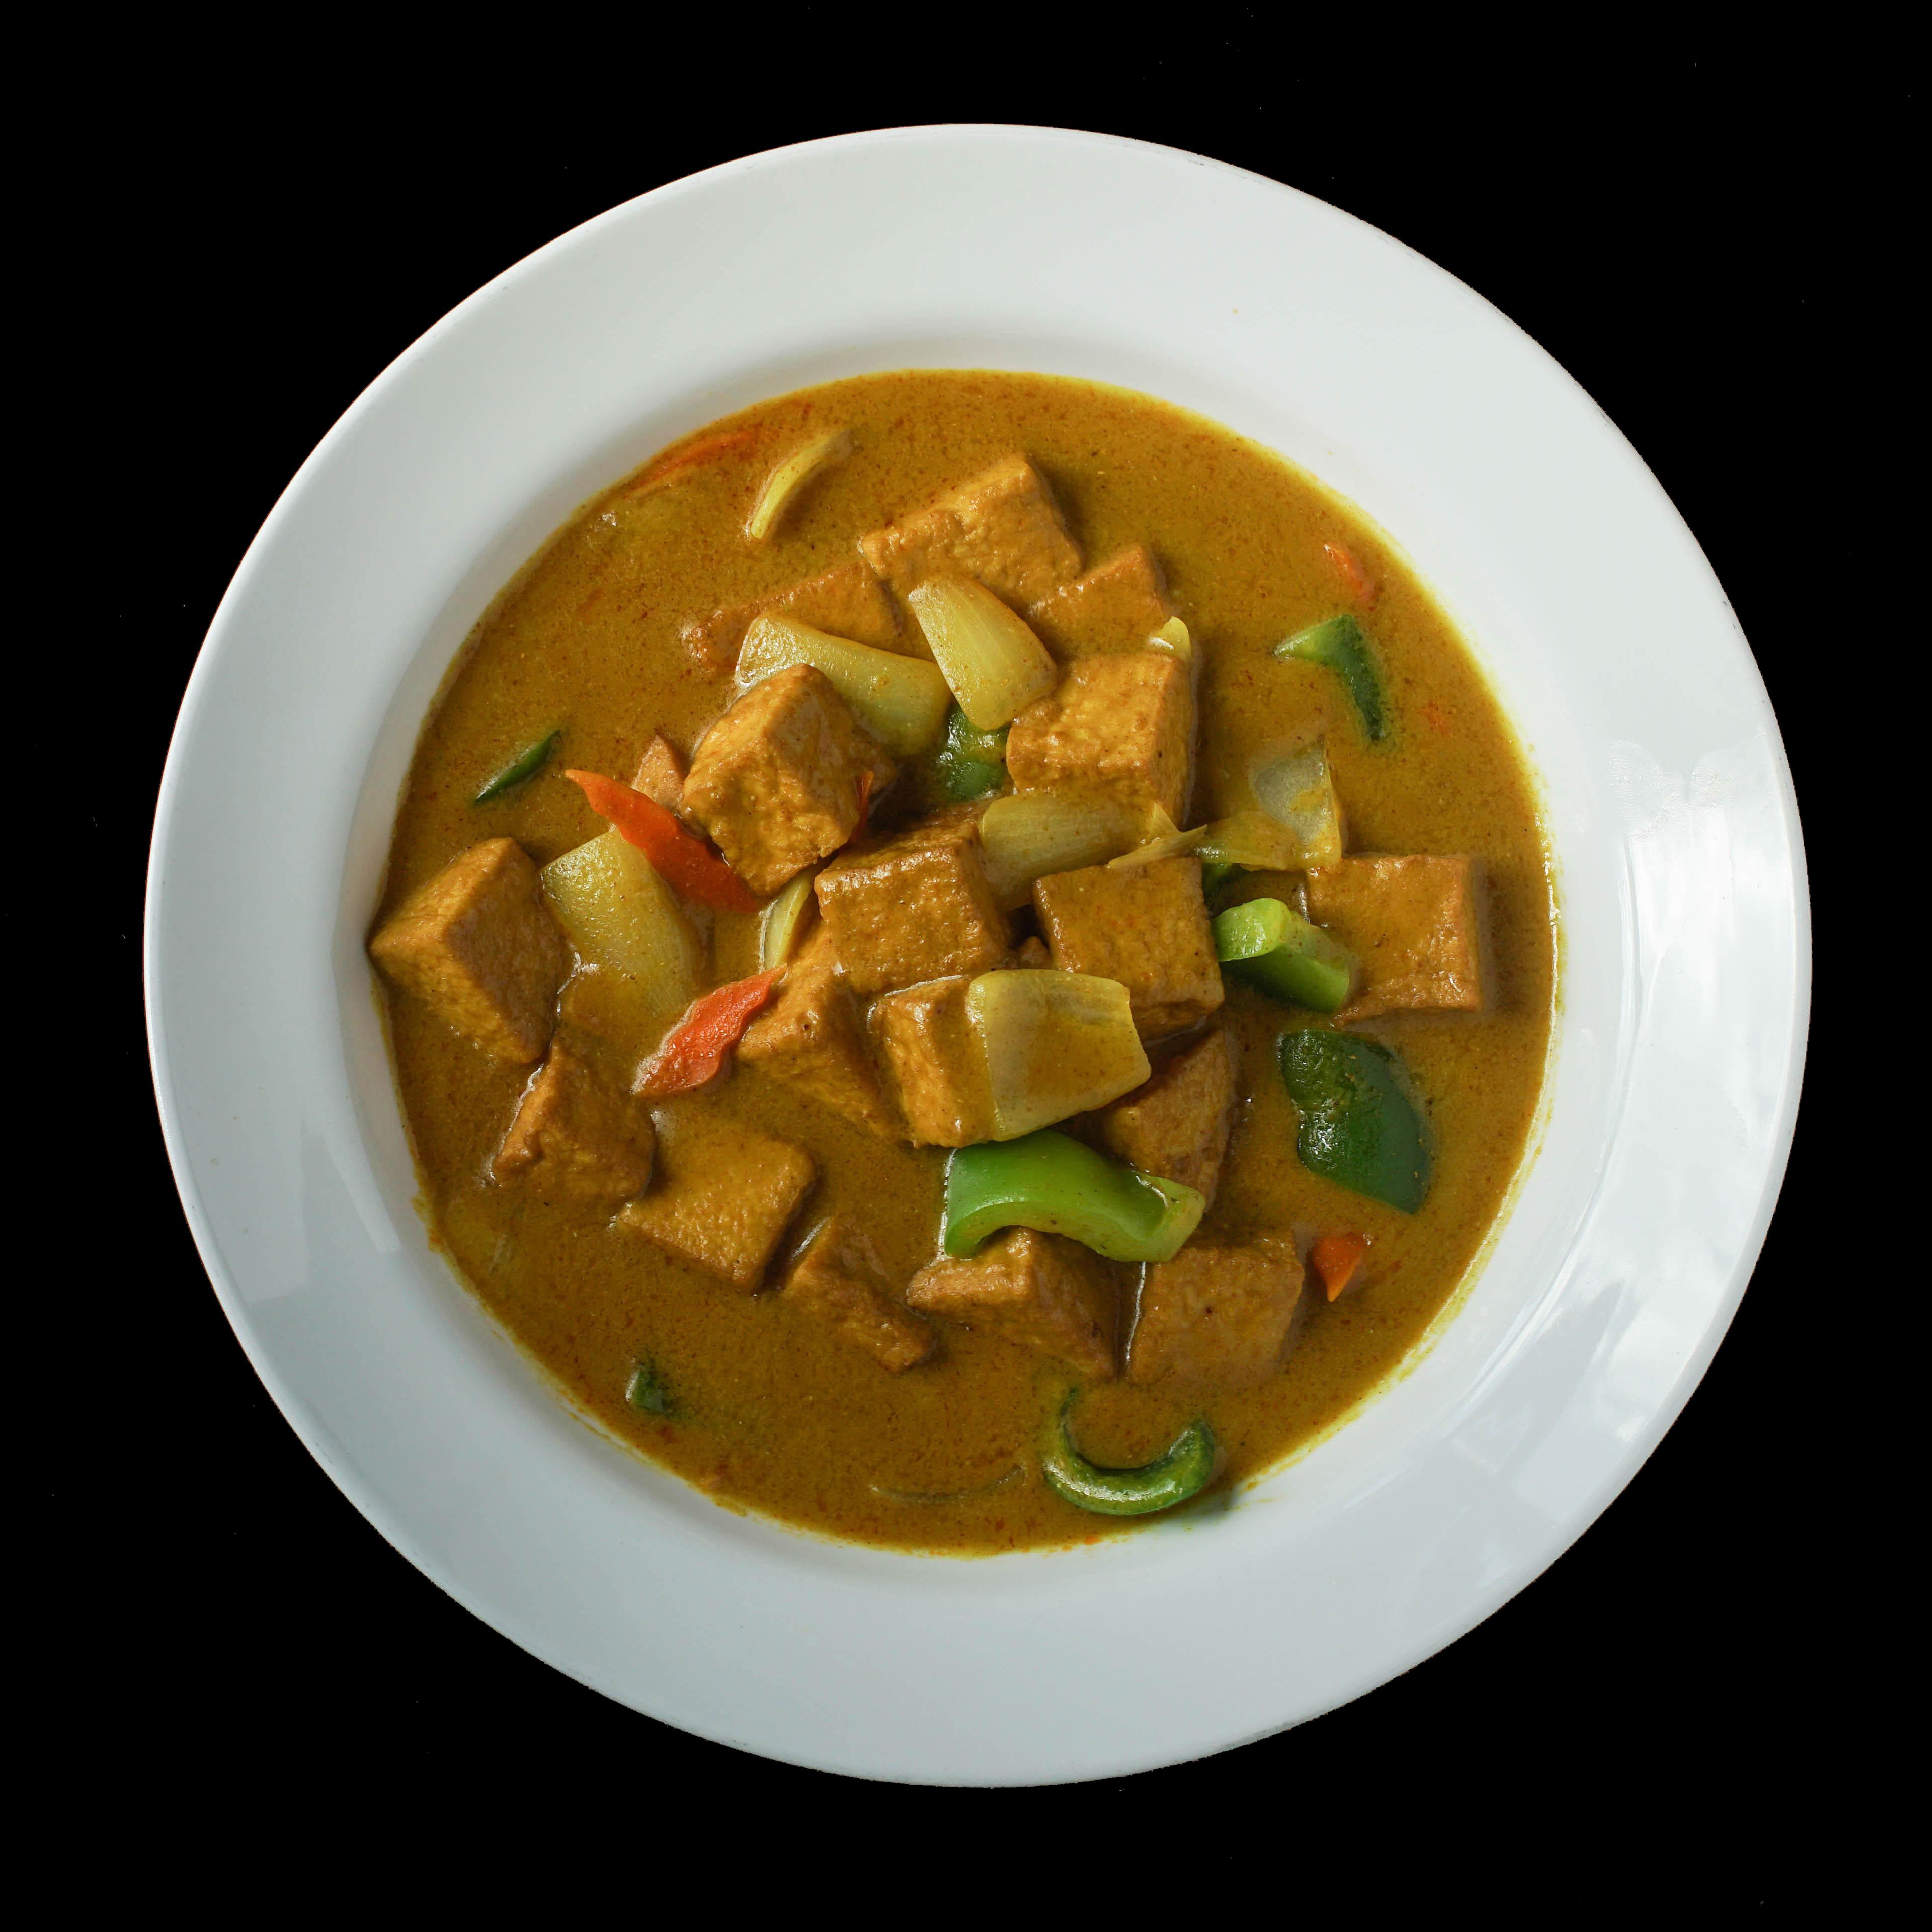 78. 港式咖喱 Hong Kong Style Yellow Curry Image